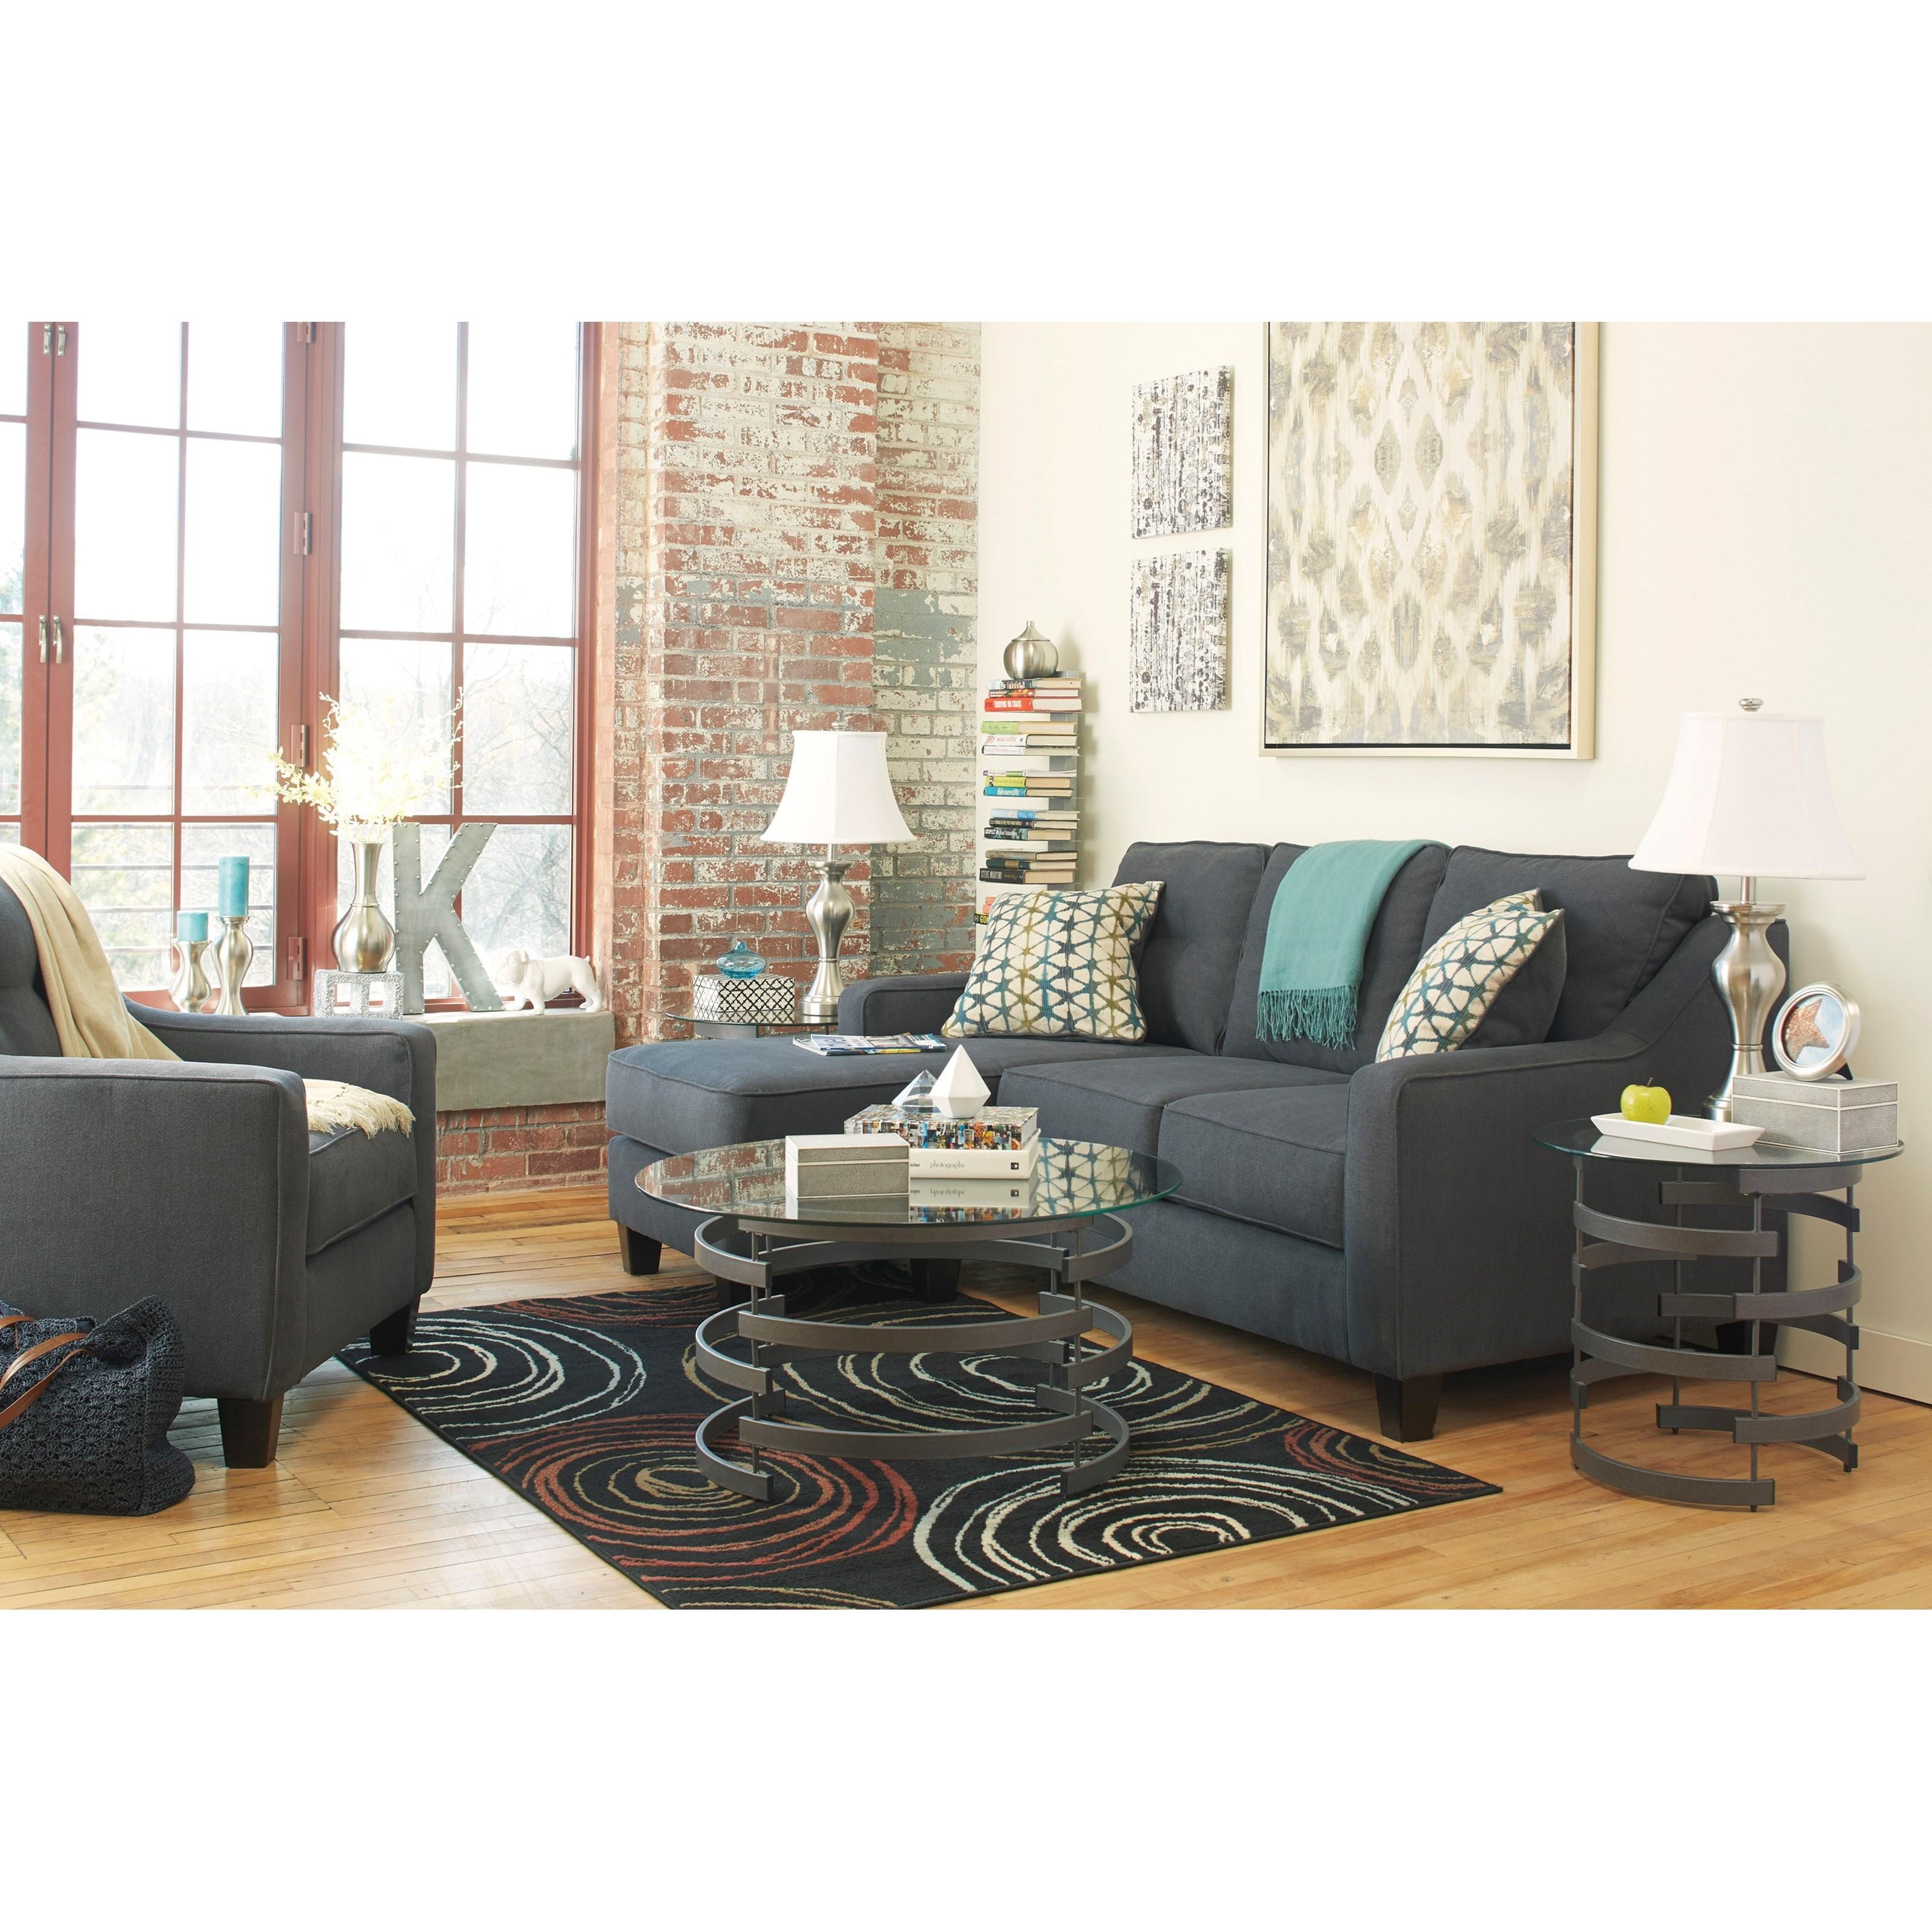 Ashley Furniture ShaylaStationary Living Room Group